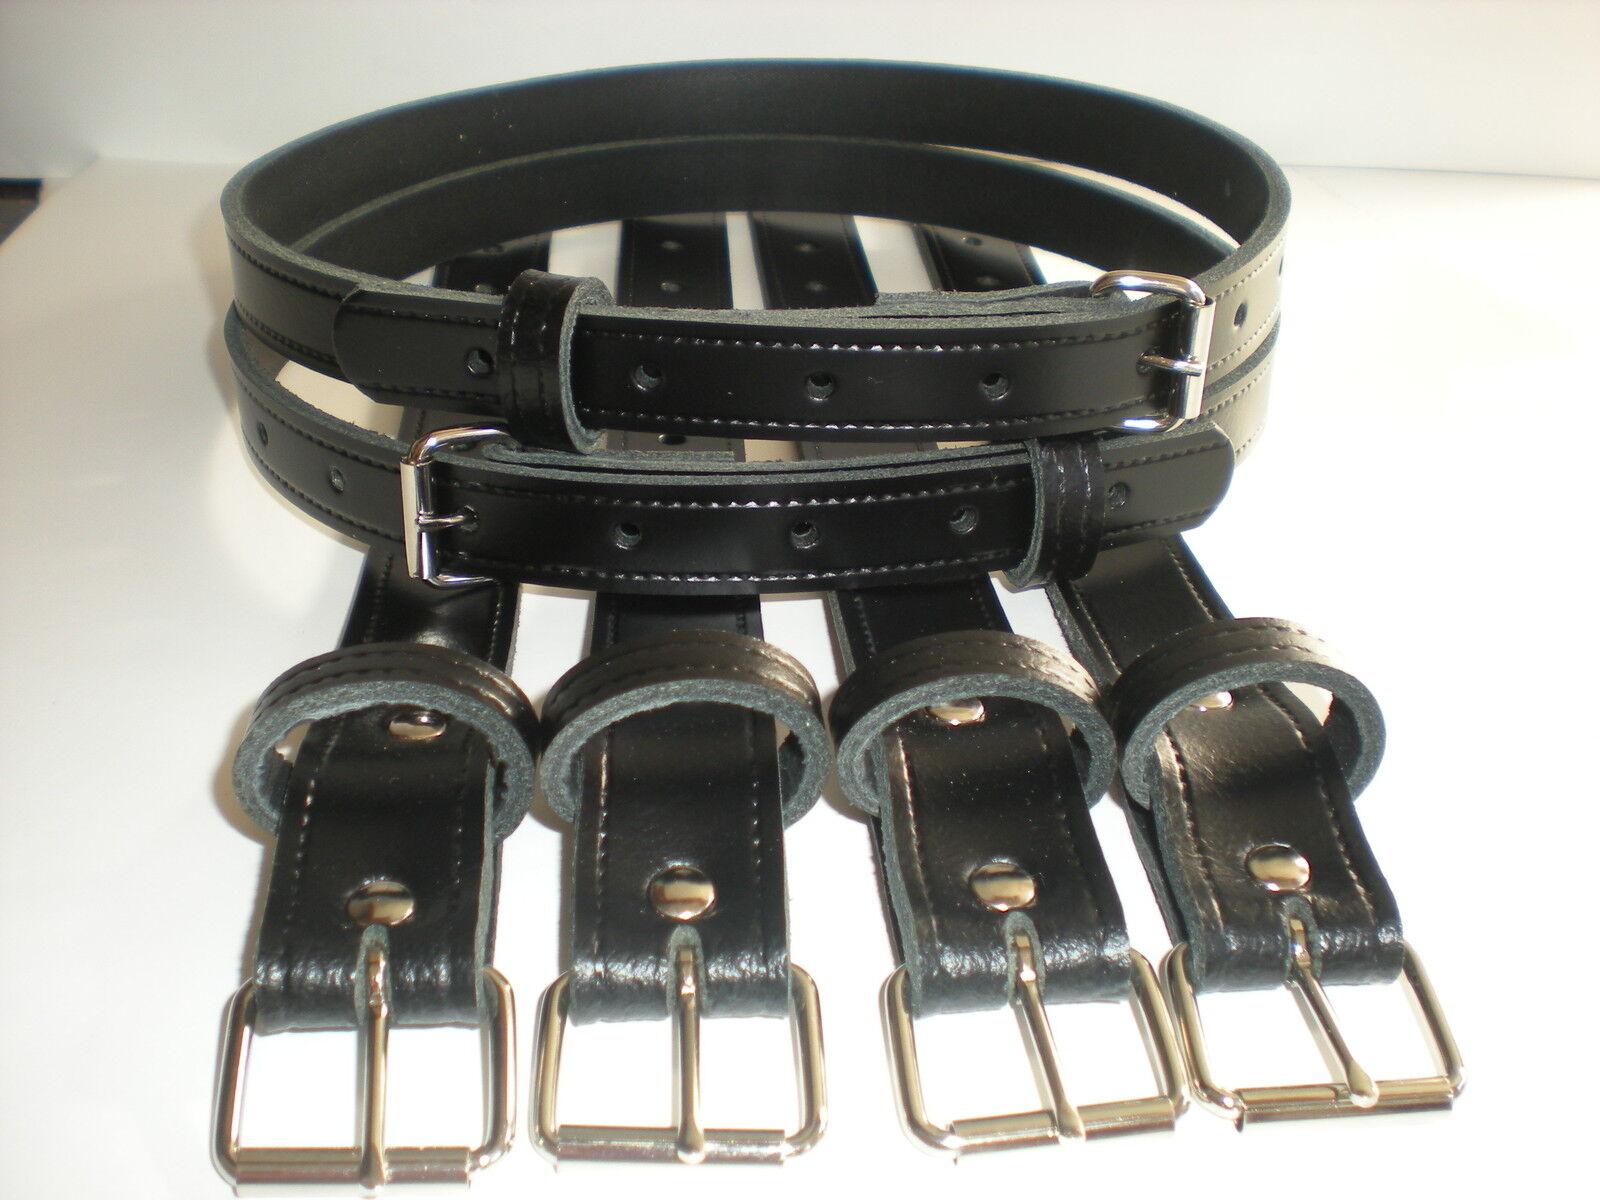 vintage pram real leather suspension straps in white picclick uk. Black Bedroom Furniture Sets. Home Design Ideas